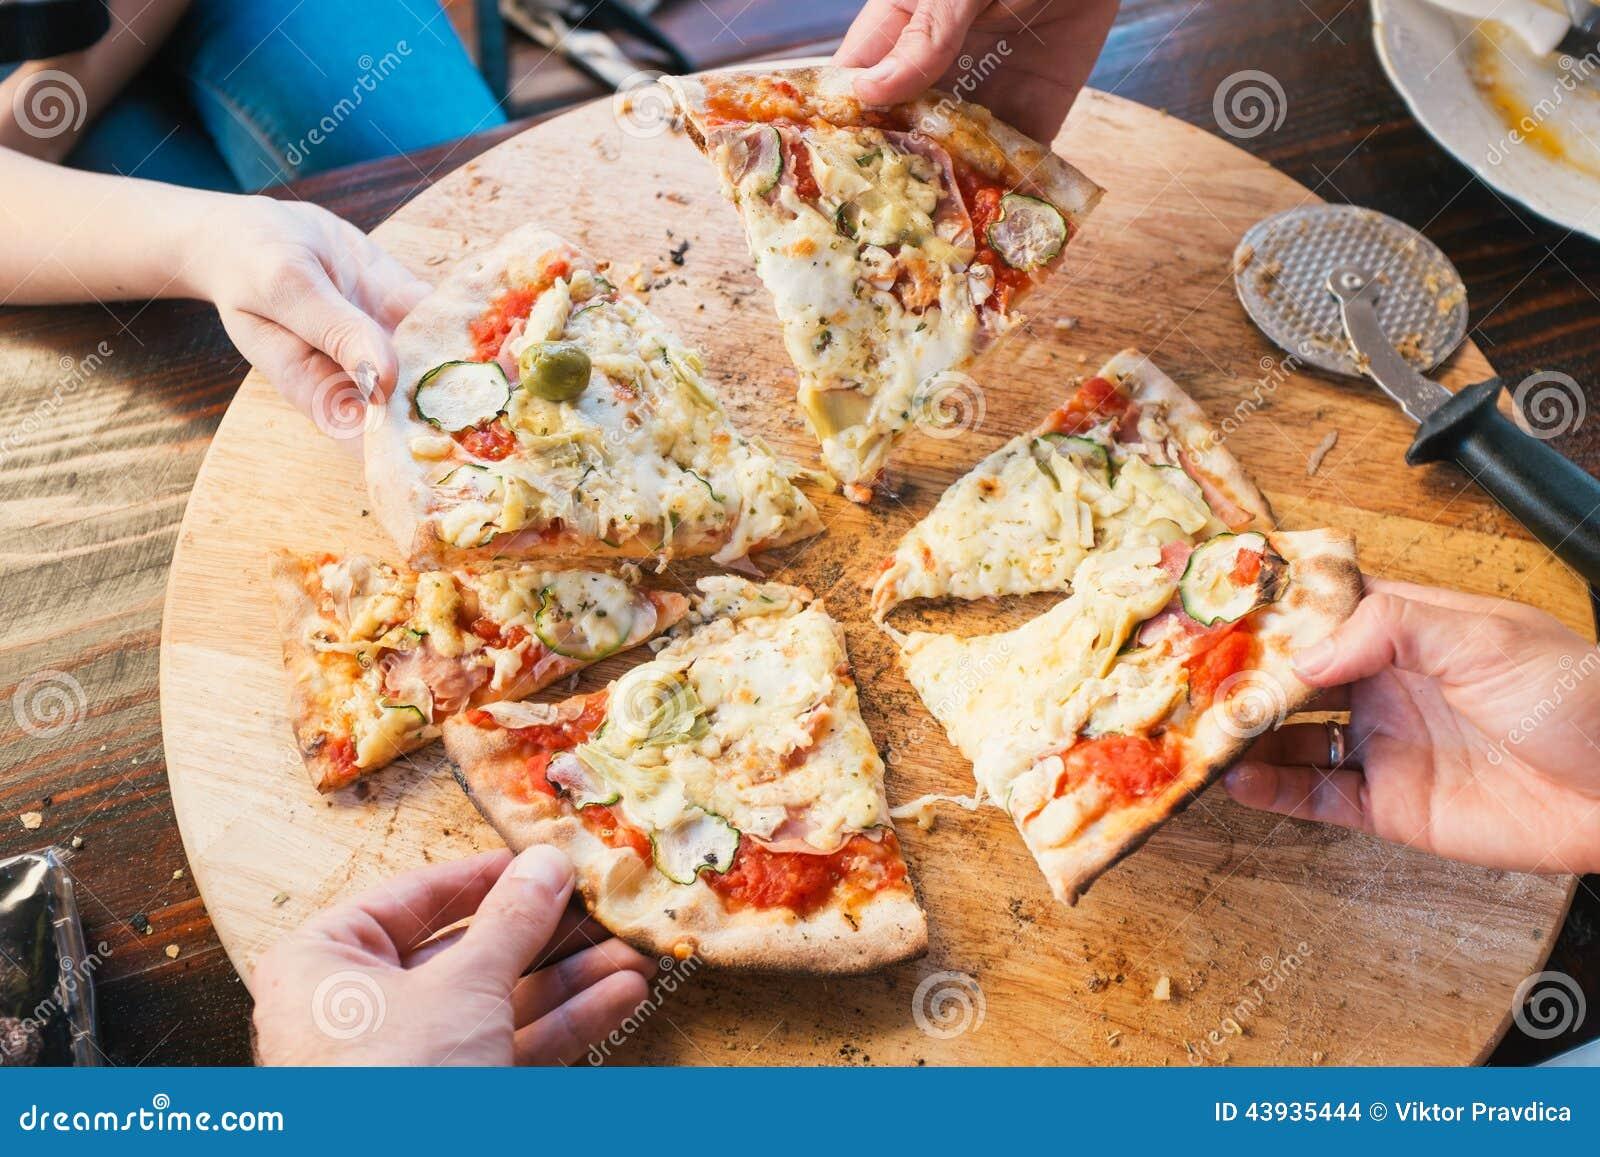 Manger de la pizza